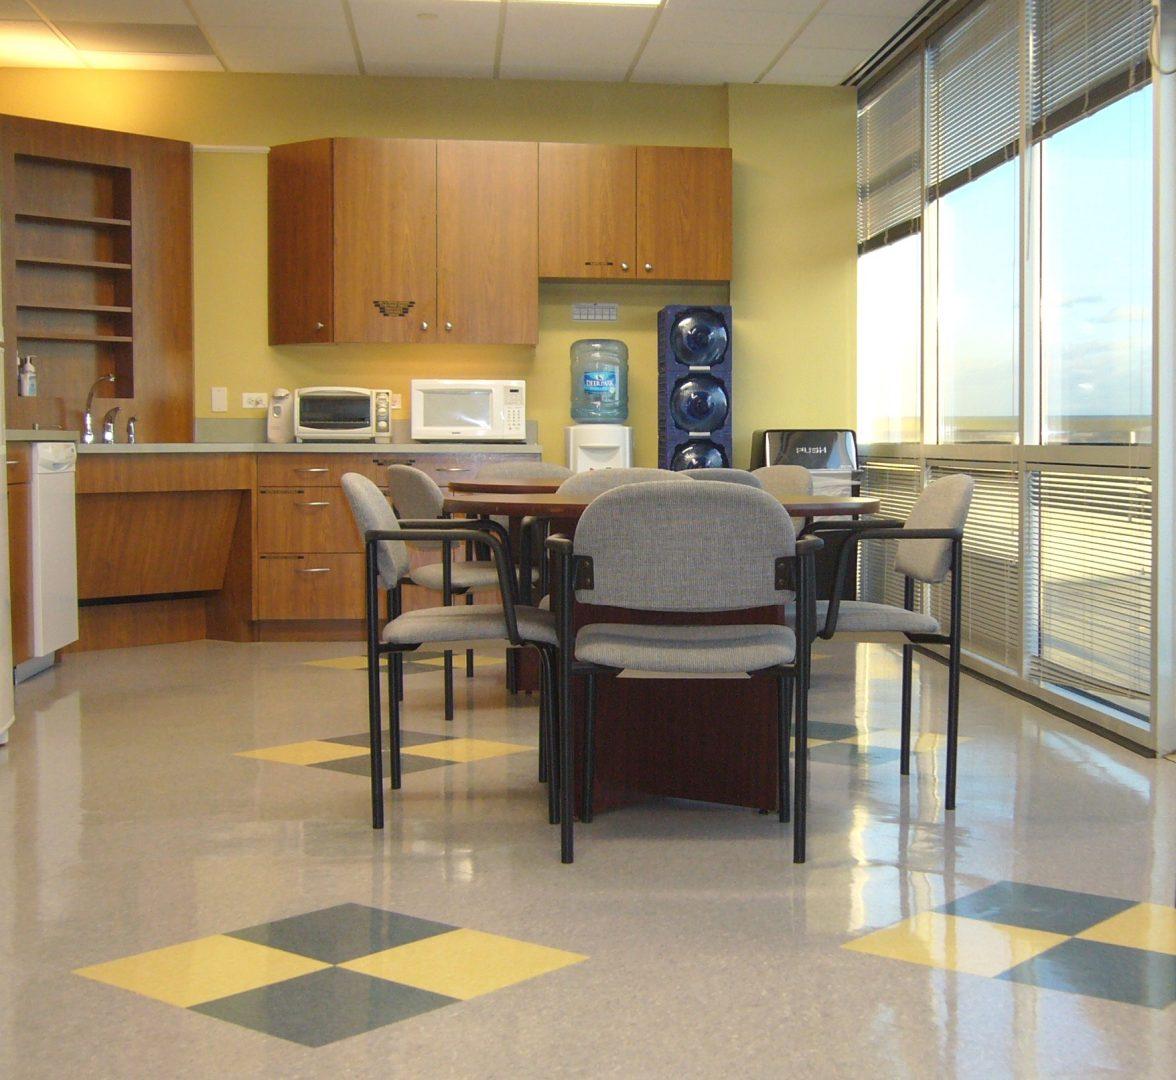 Fotos de cocinas con office im genes y fotos - Cocinas con office fotos ...